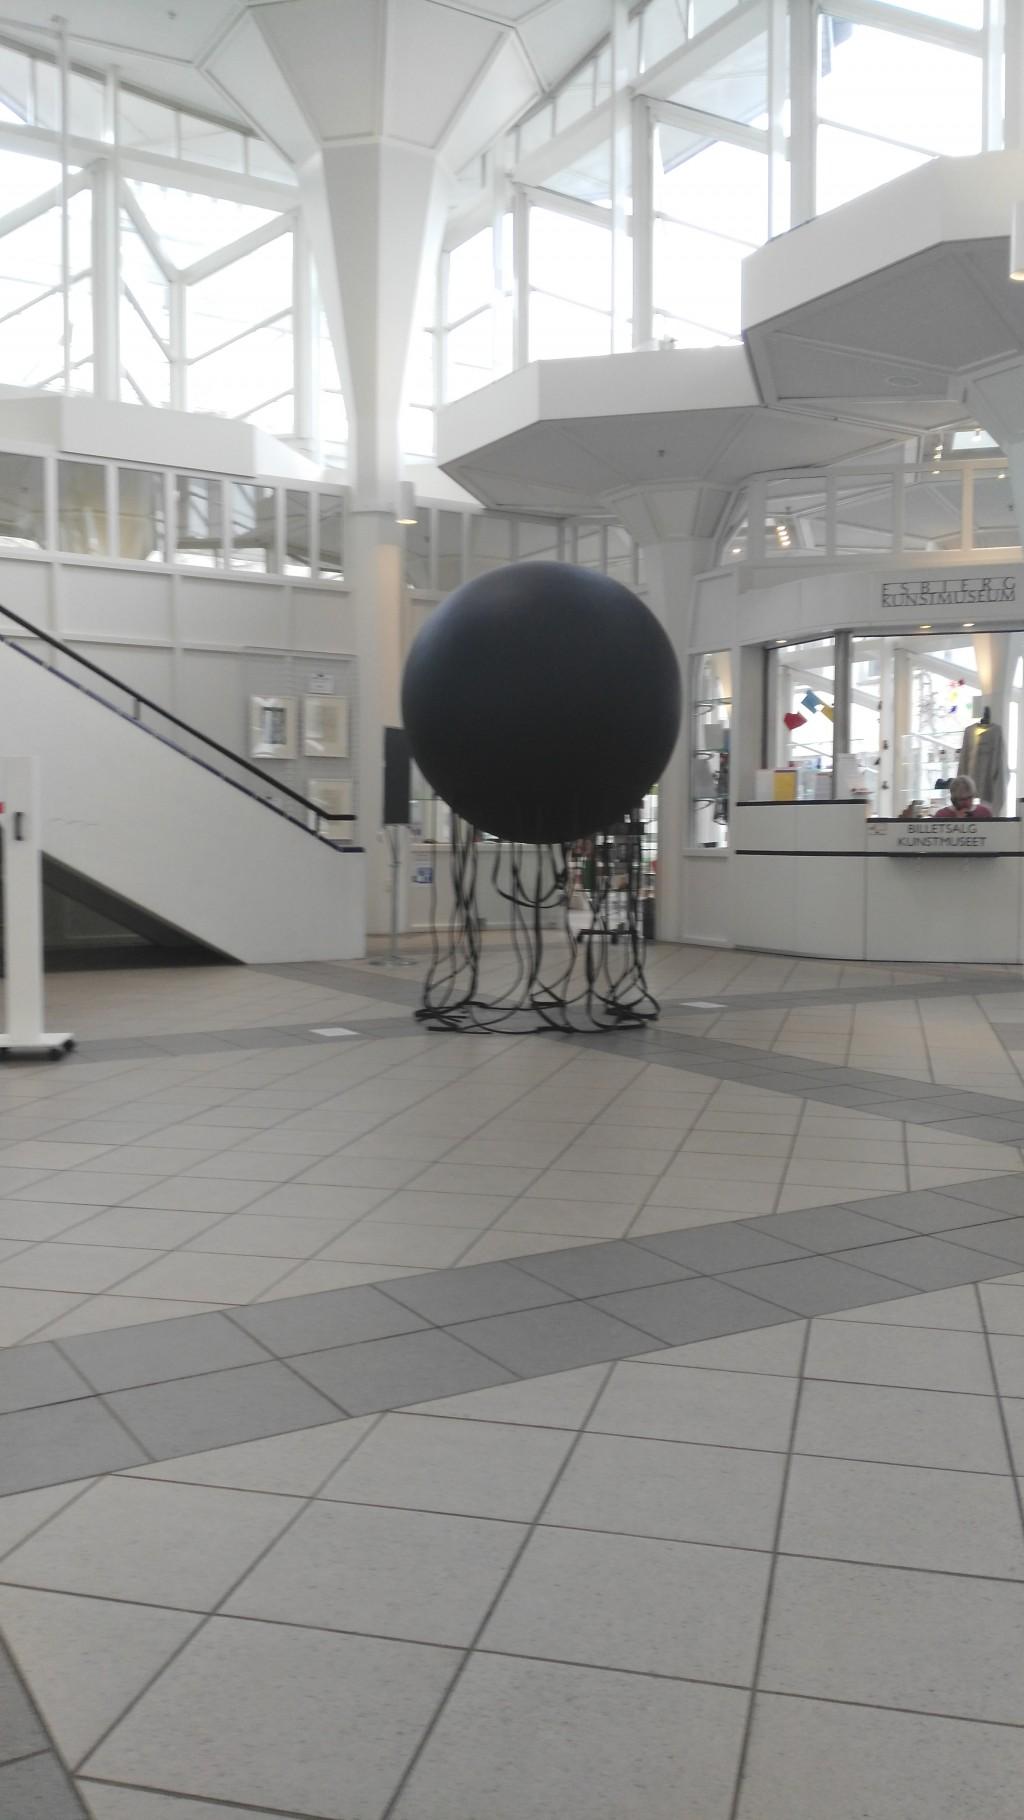 tegnedag-paa-fiskerimuseet-i-esbjerg-02